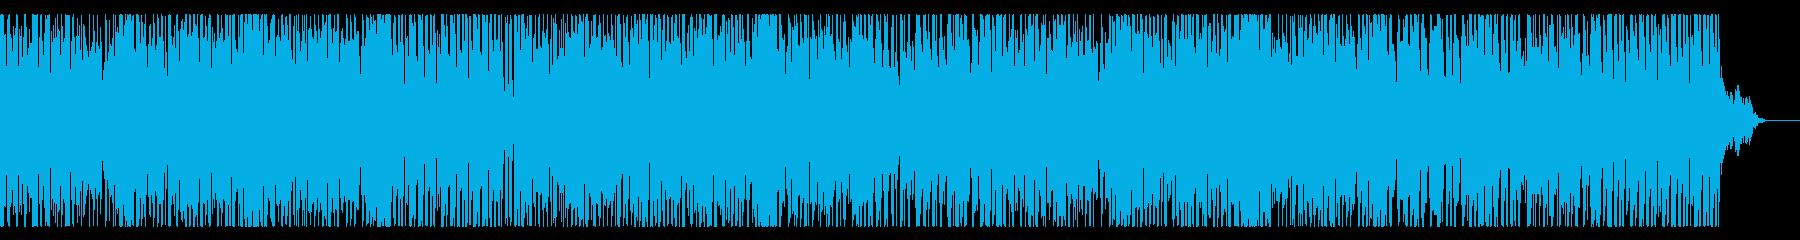 キッズに最適 朗らかストーリーの幕開けの再生済みの波形